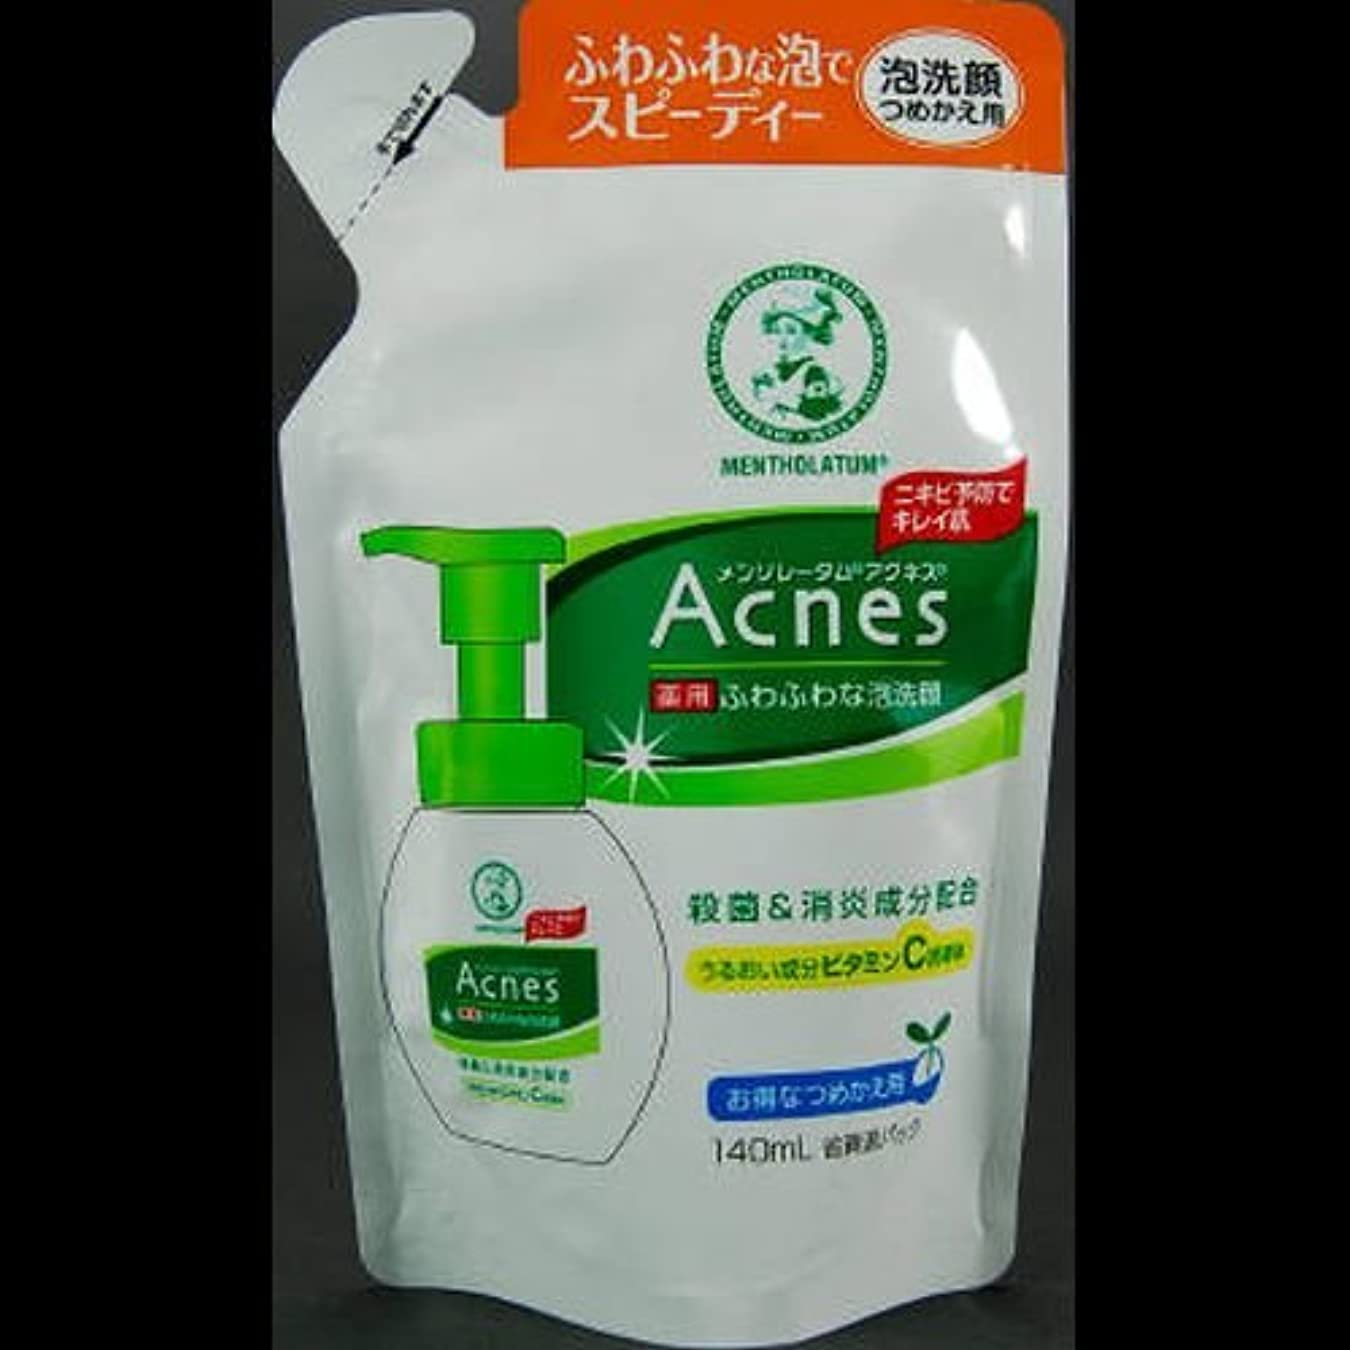 干渉する助けて嫌がる【まとめ買い】アクネス 薬用ふわふわ泡洗顔 つめかえ用 140mL ×2セット